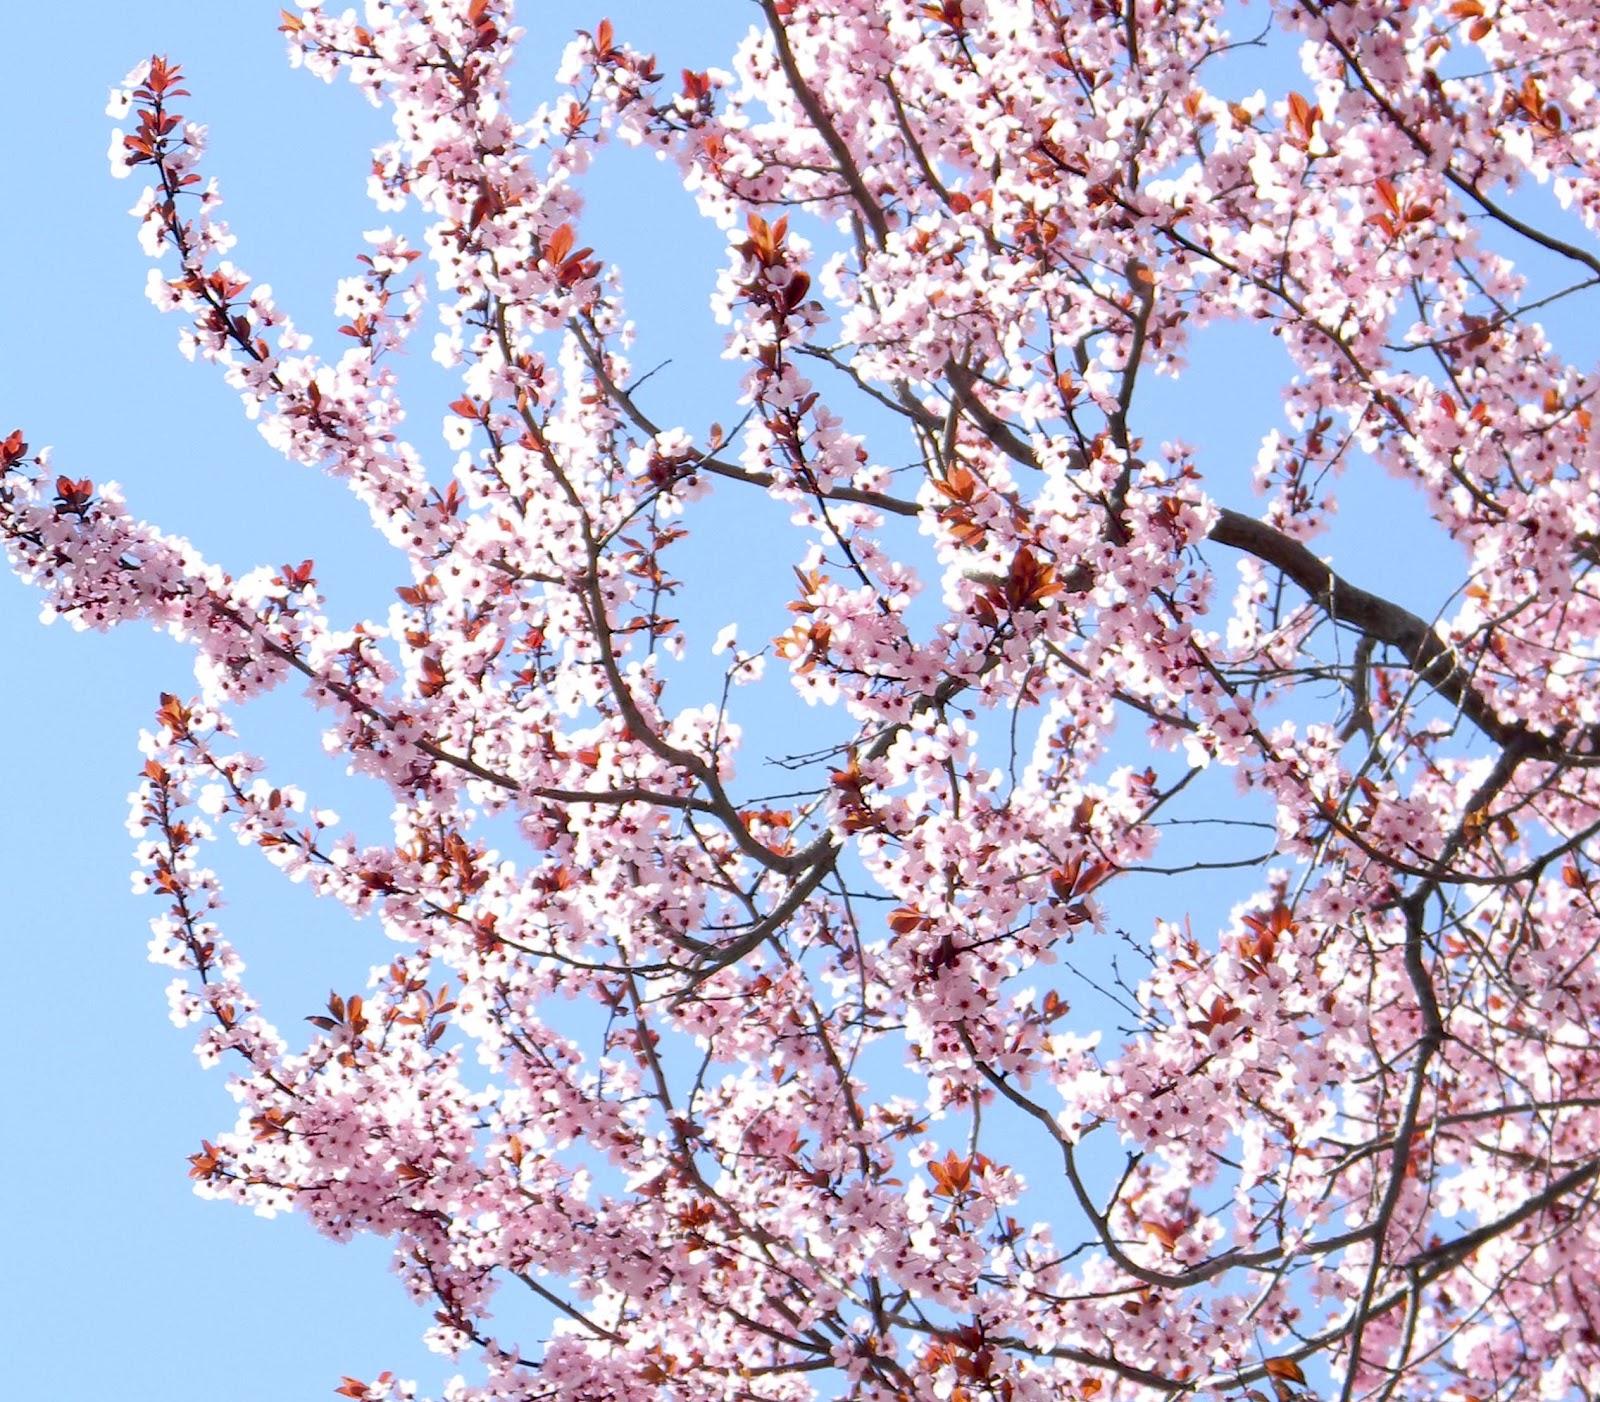 flowering pear tree bright apple blossom